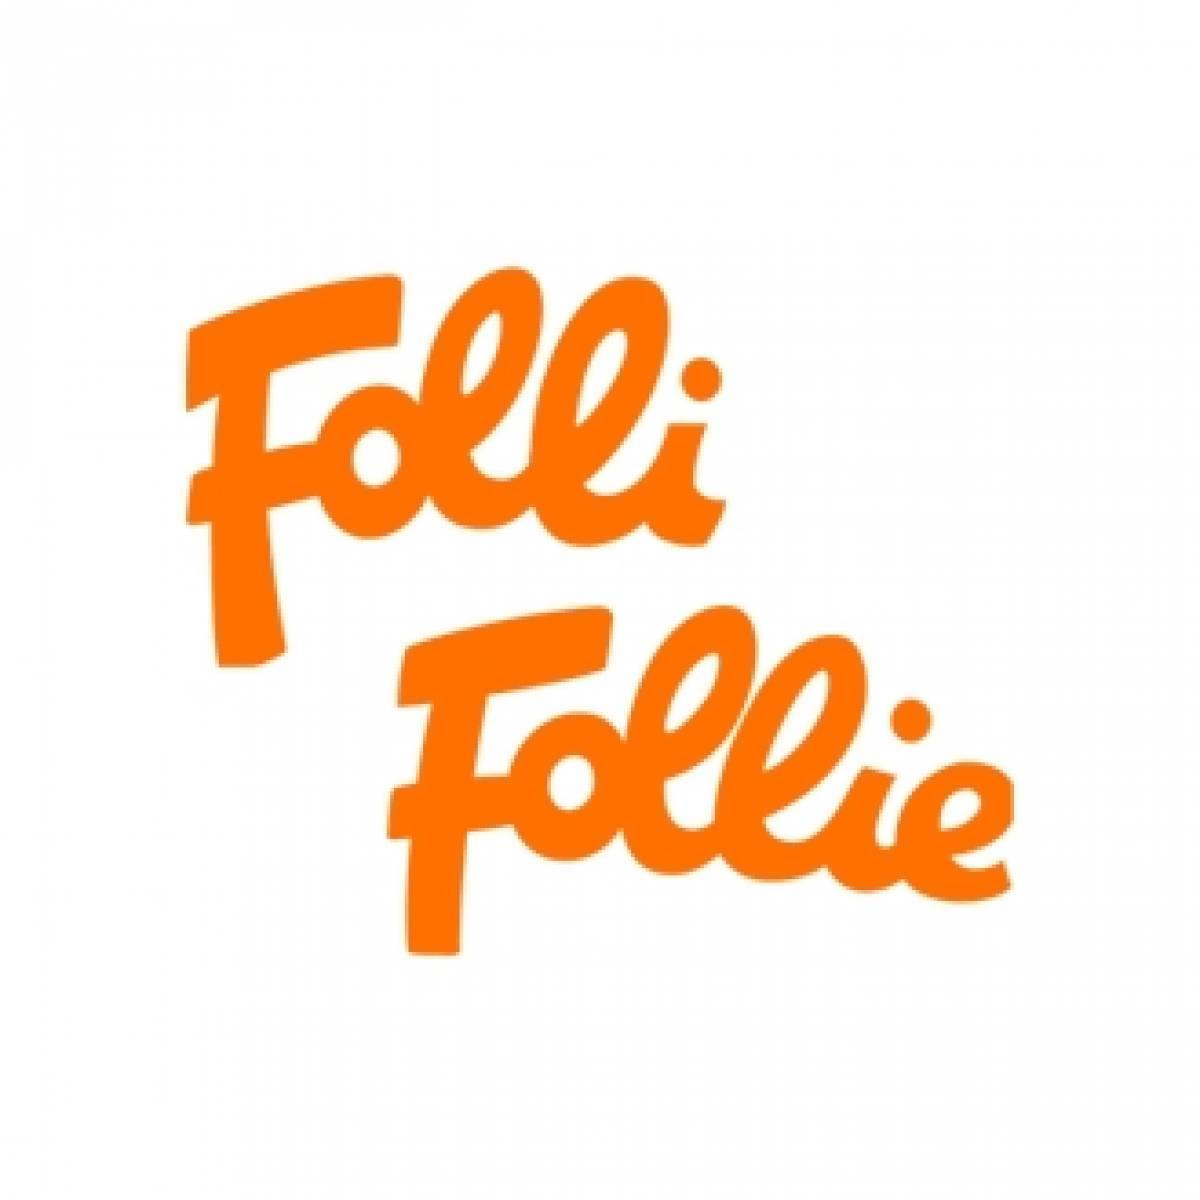 b4fc4569ab Folli Follie  Αγωγή κατά του Δημήτρη Κουτσολιούτσου